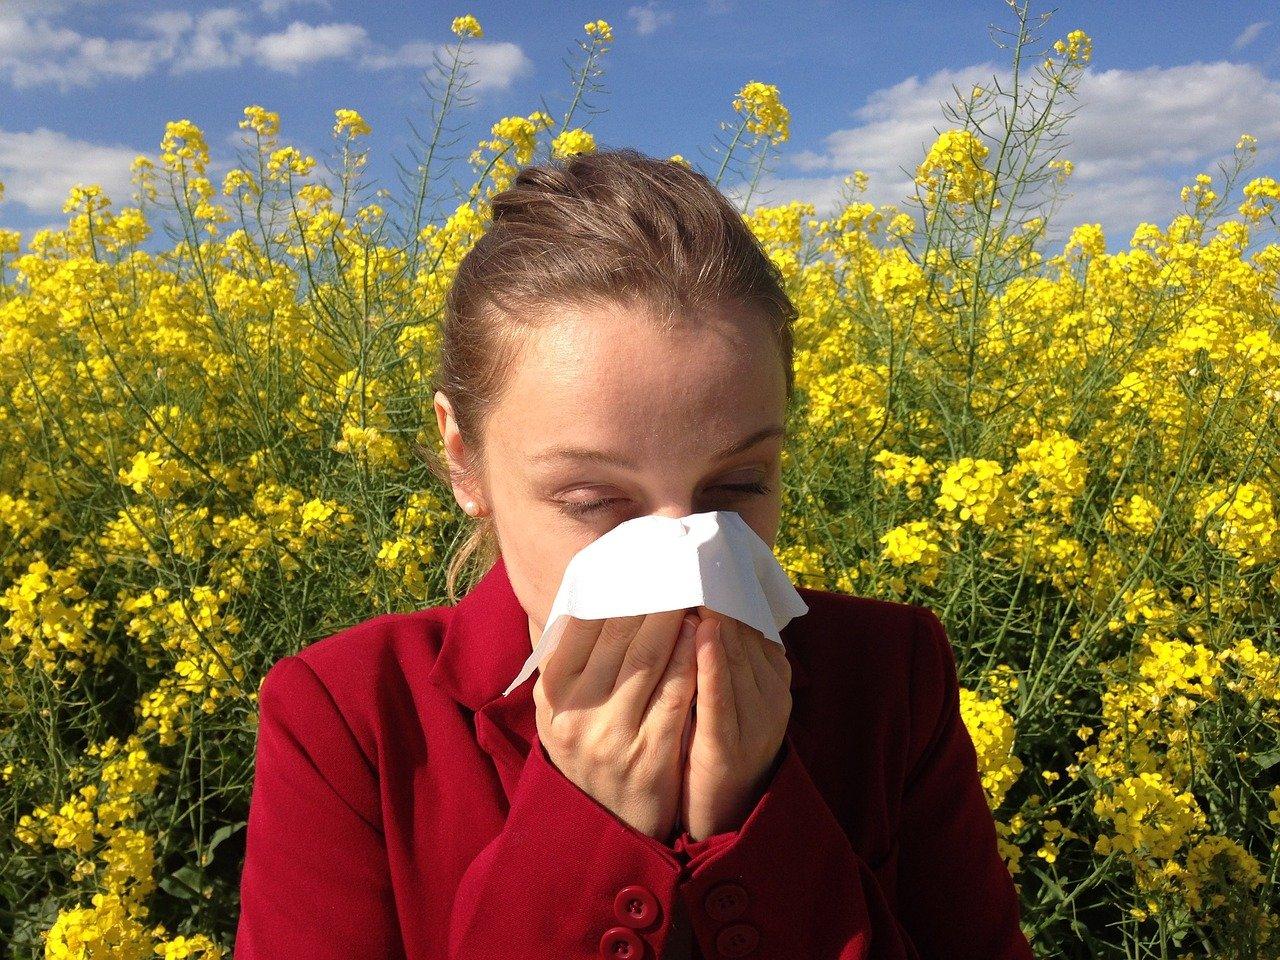 【花粉ブロックスプレー】コーセー・フマキラーなどおすすめ5選!口コミは?子供用も